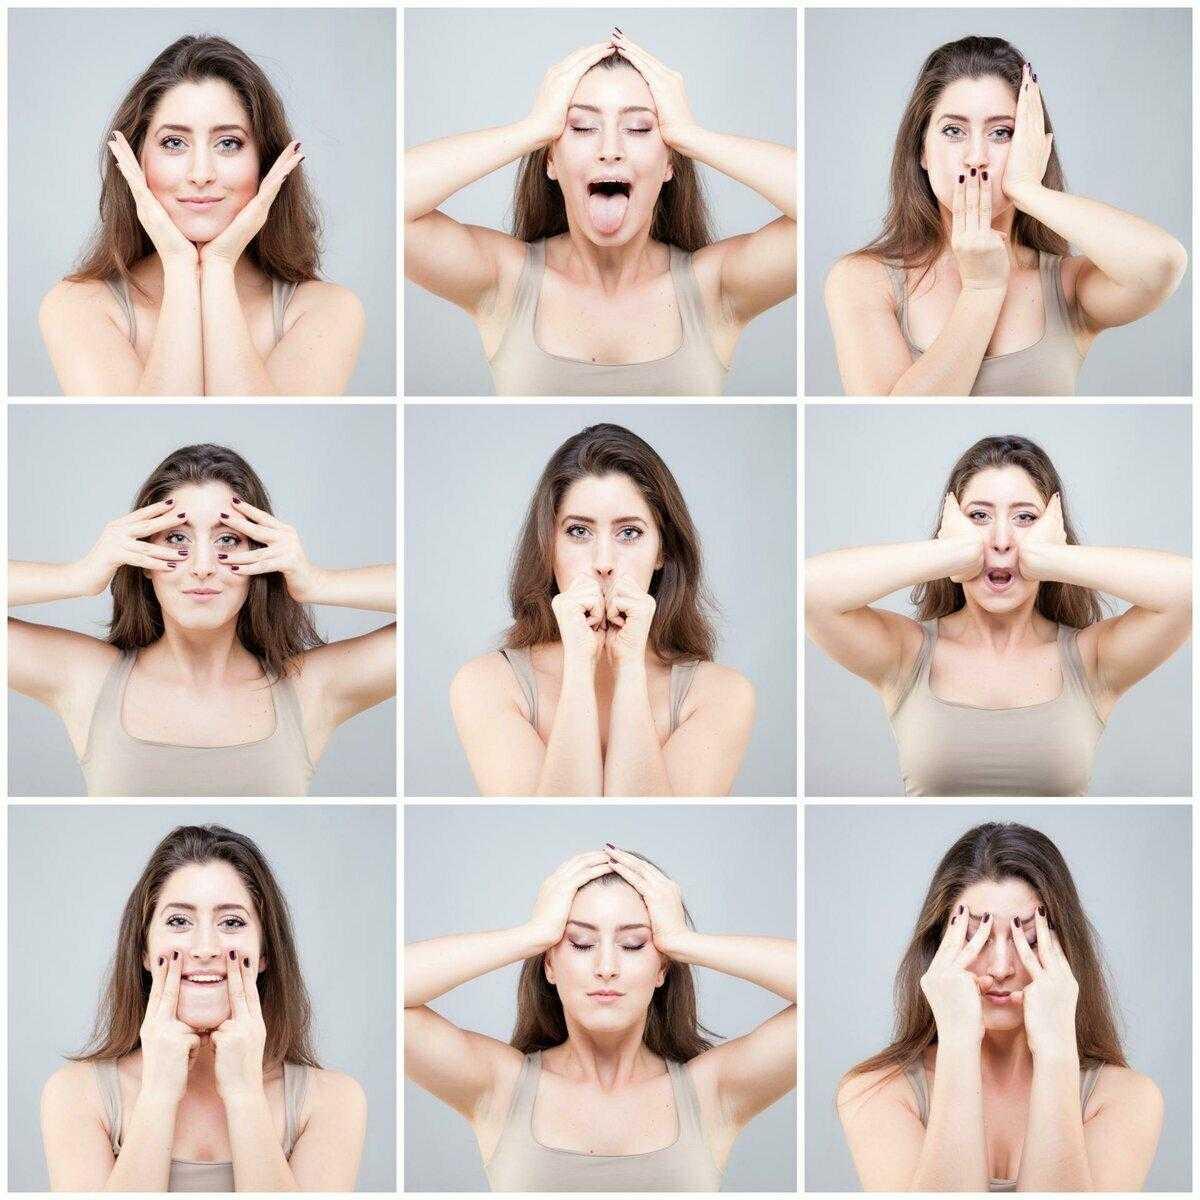 Лифтинг-маски для лица в домашних условиях с быстрым эффектом: рецепты для мгновенной подтяжки и омоложения